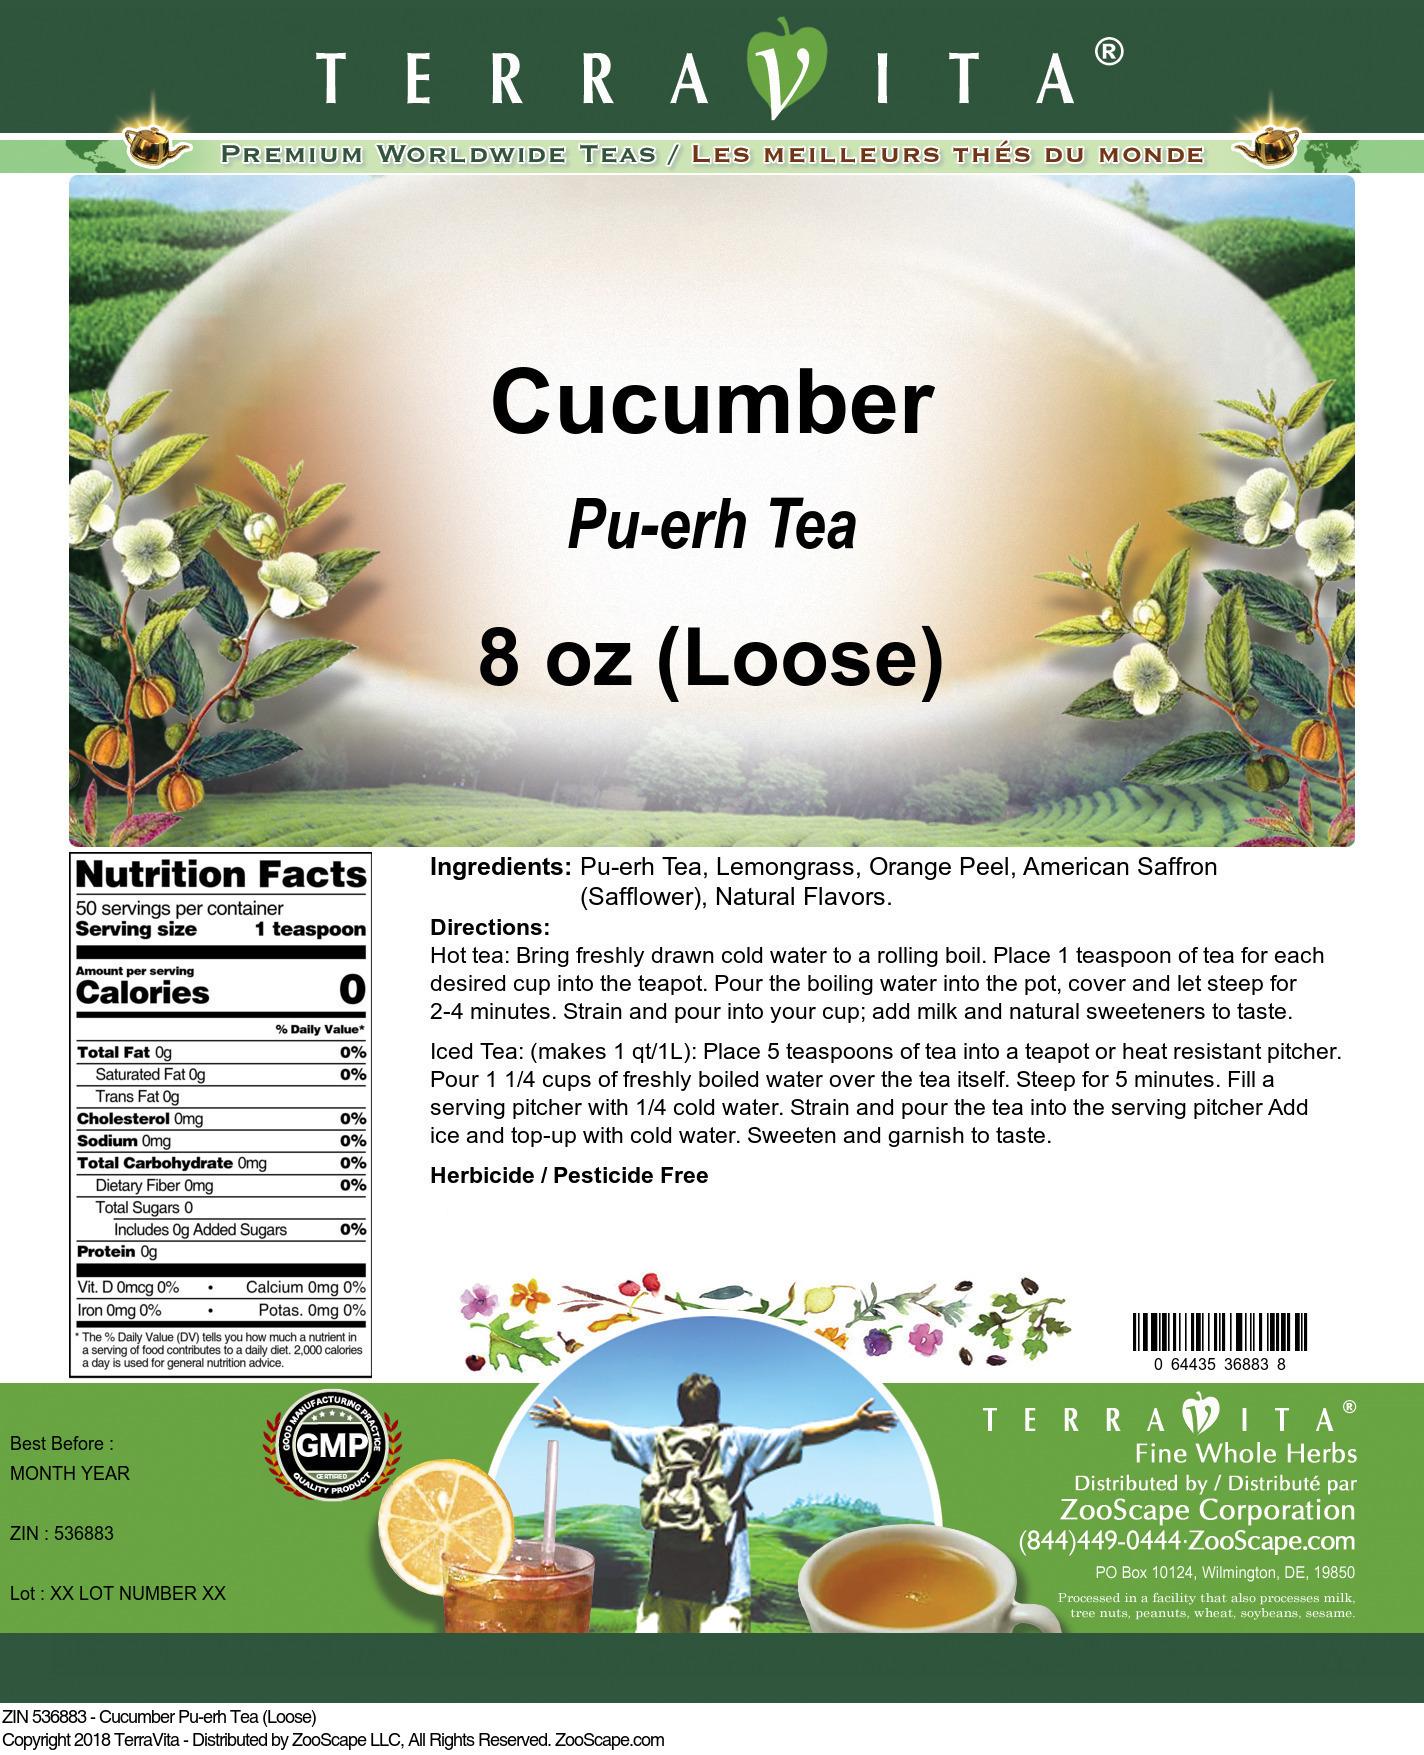 Cucumber Pu-erh Tea (Loose)